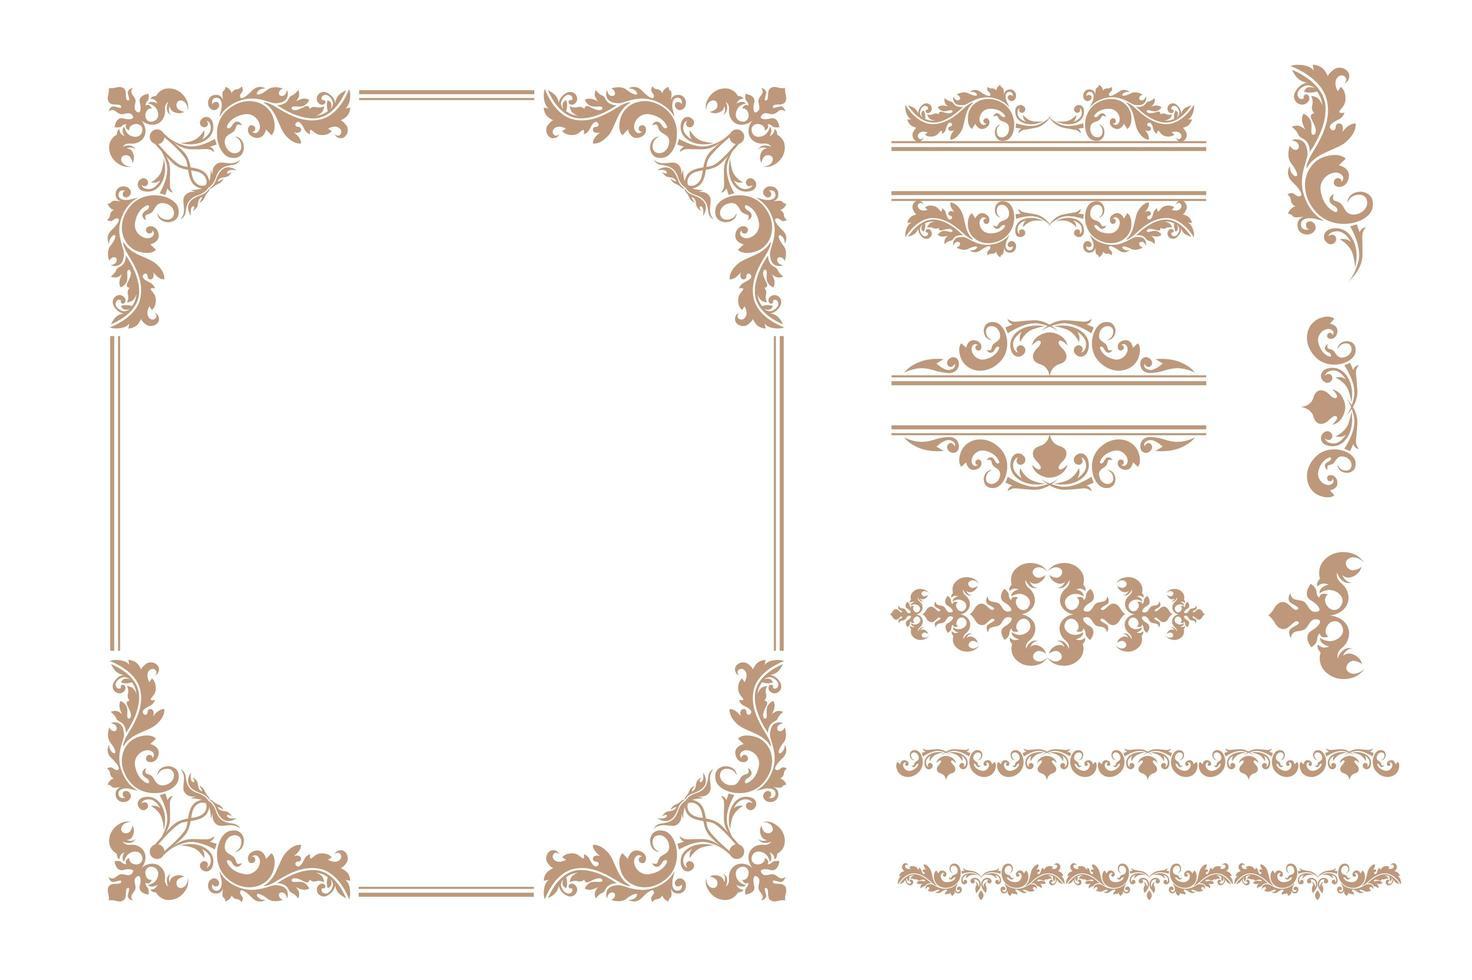 uppsättning klassiska lyxramar och ornament vektor